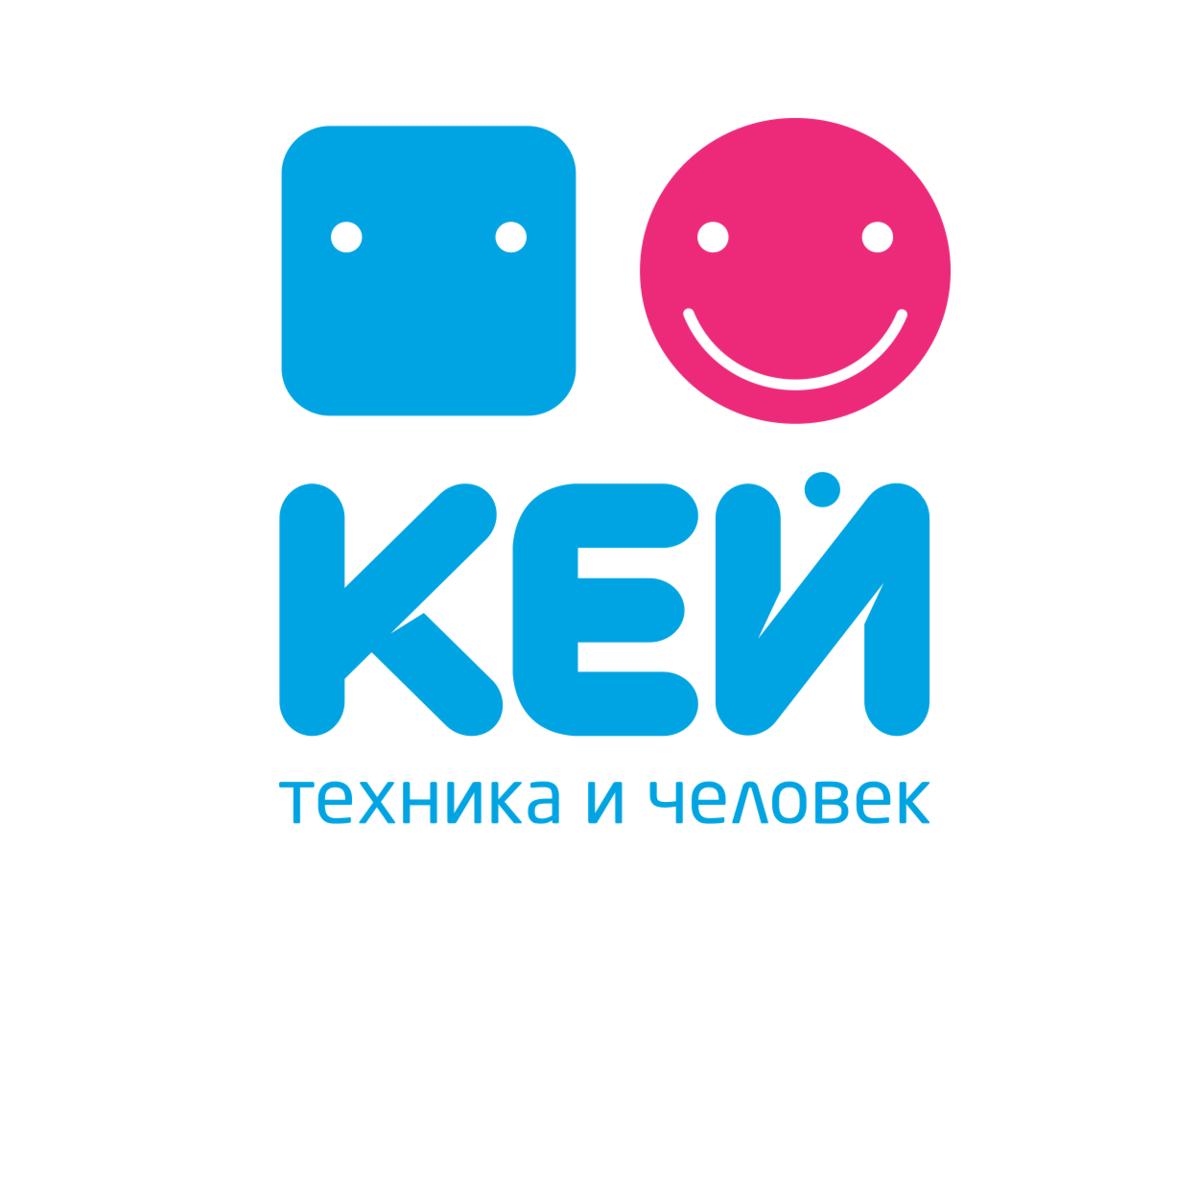 КЕЙ / Проект компании Aidem